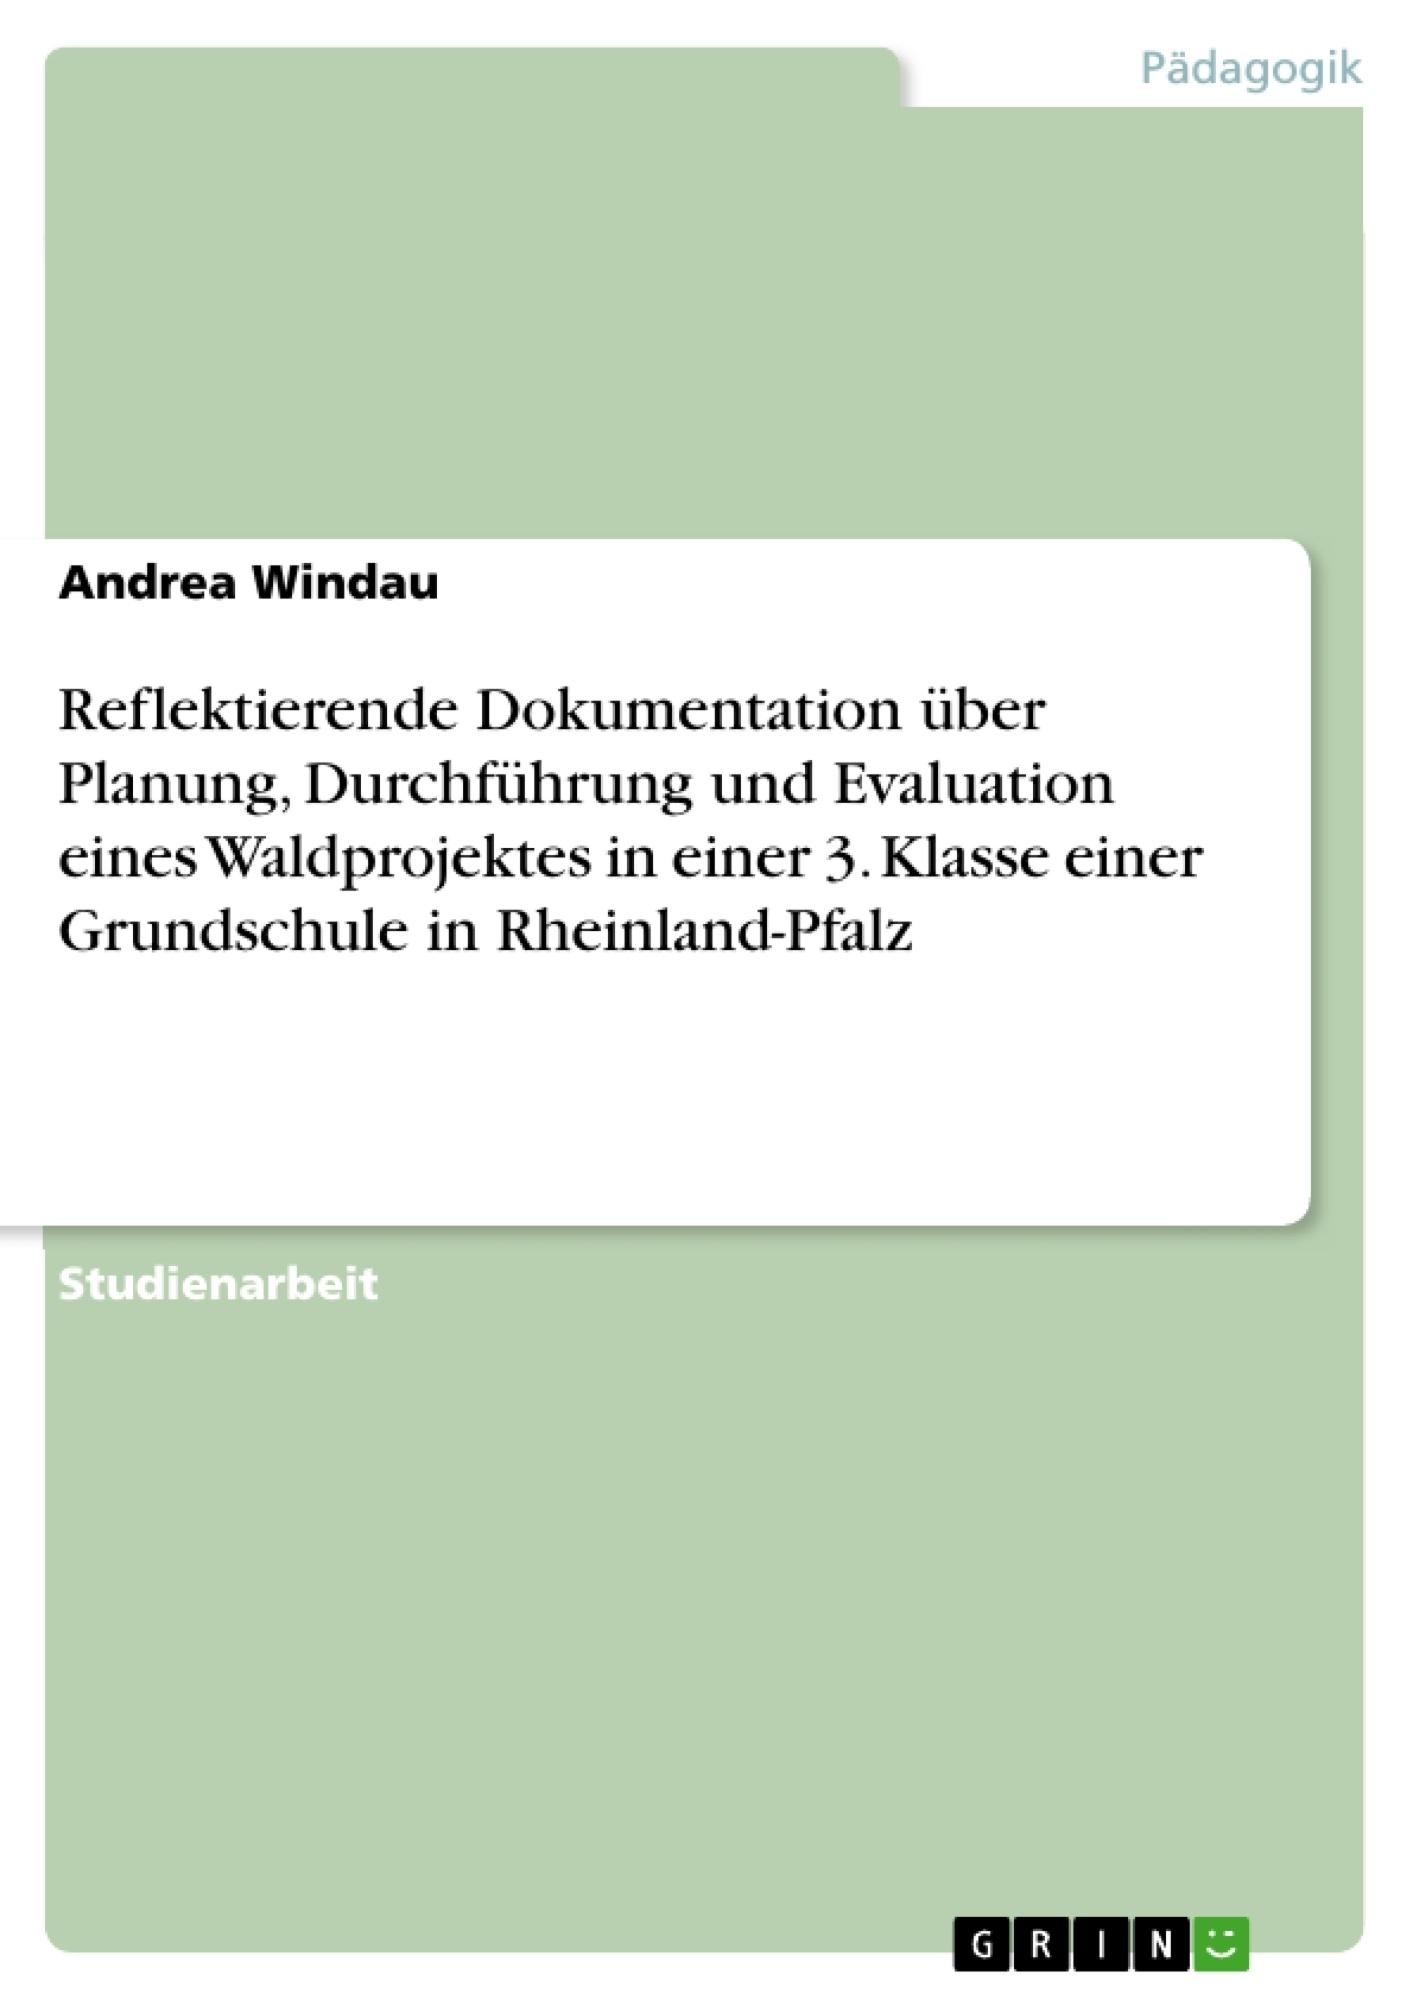 Titel: Reflektierende Dokumentation über Planung, Durchführung und Evaluation eines Waldprojektes in einer 3. Klasse einer Grundschule in Rheinland-Pfalz